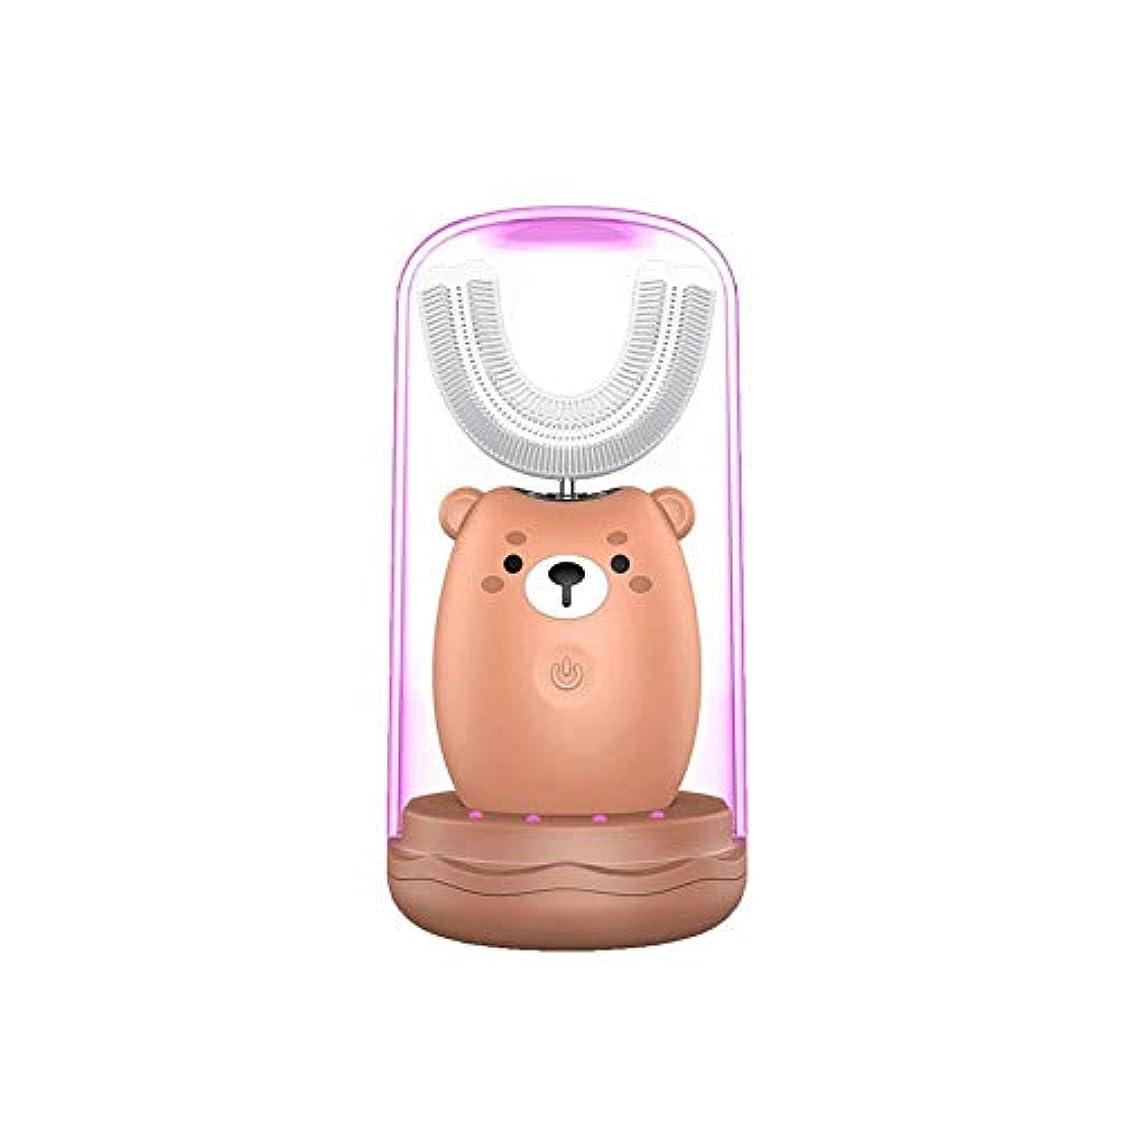 球状別れるスプリット電動歯ブラシ U型 子供用 超音波ブラシ 自動式 超音波 IPX7レベル防水 専門360°全方位 柔らかいシリコーンブラシヘッド プレゼント